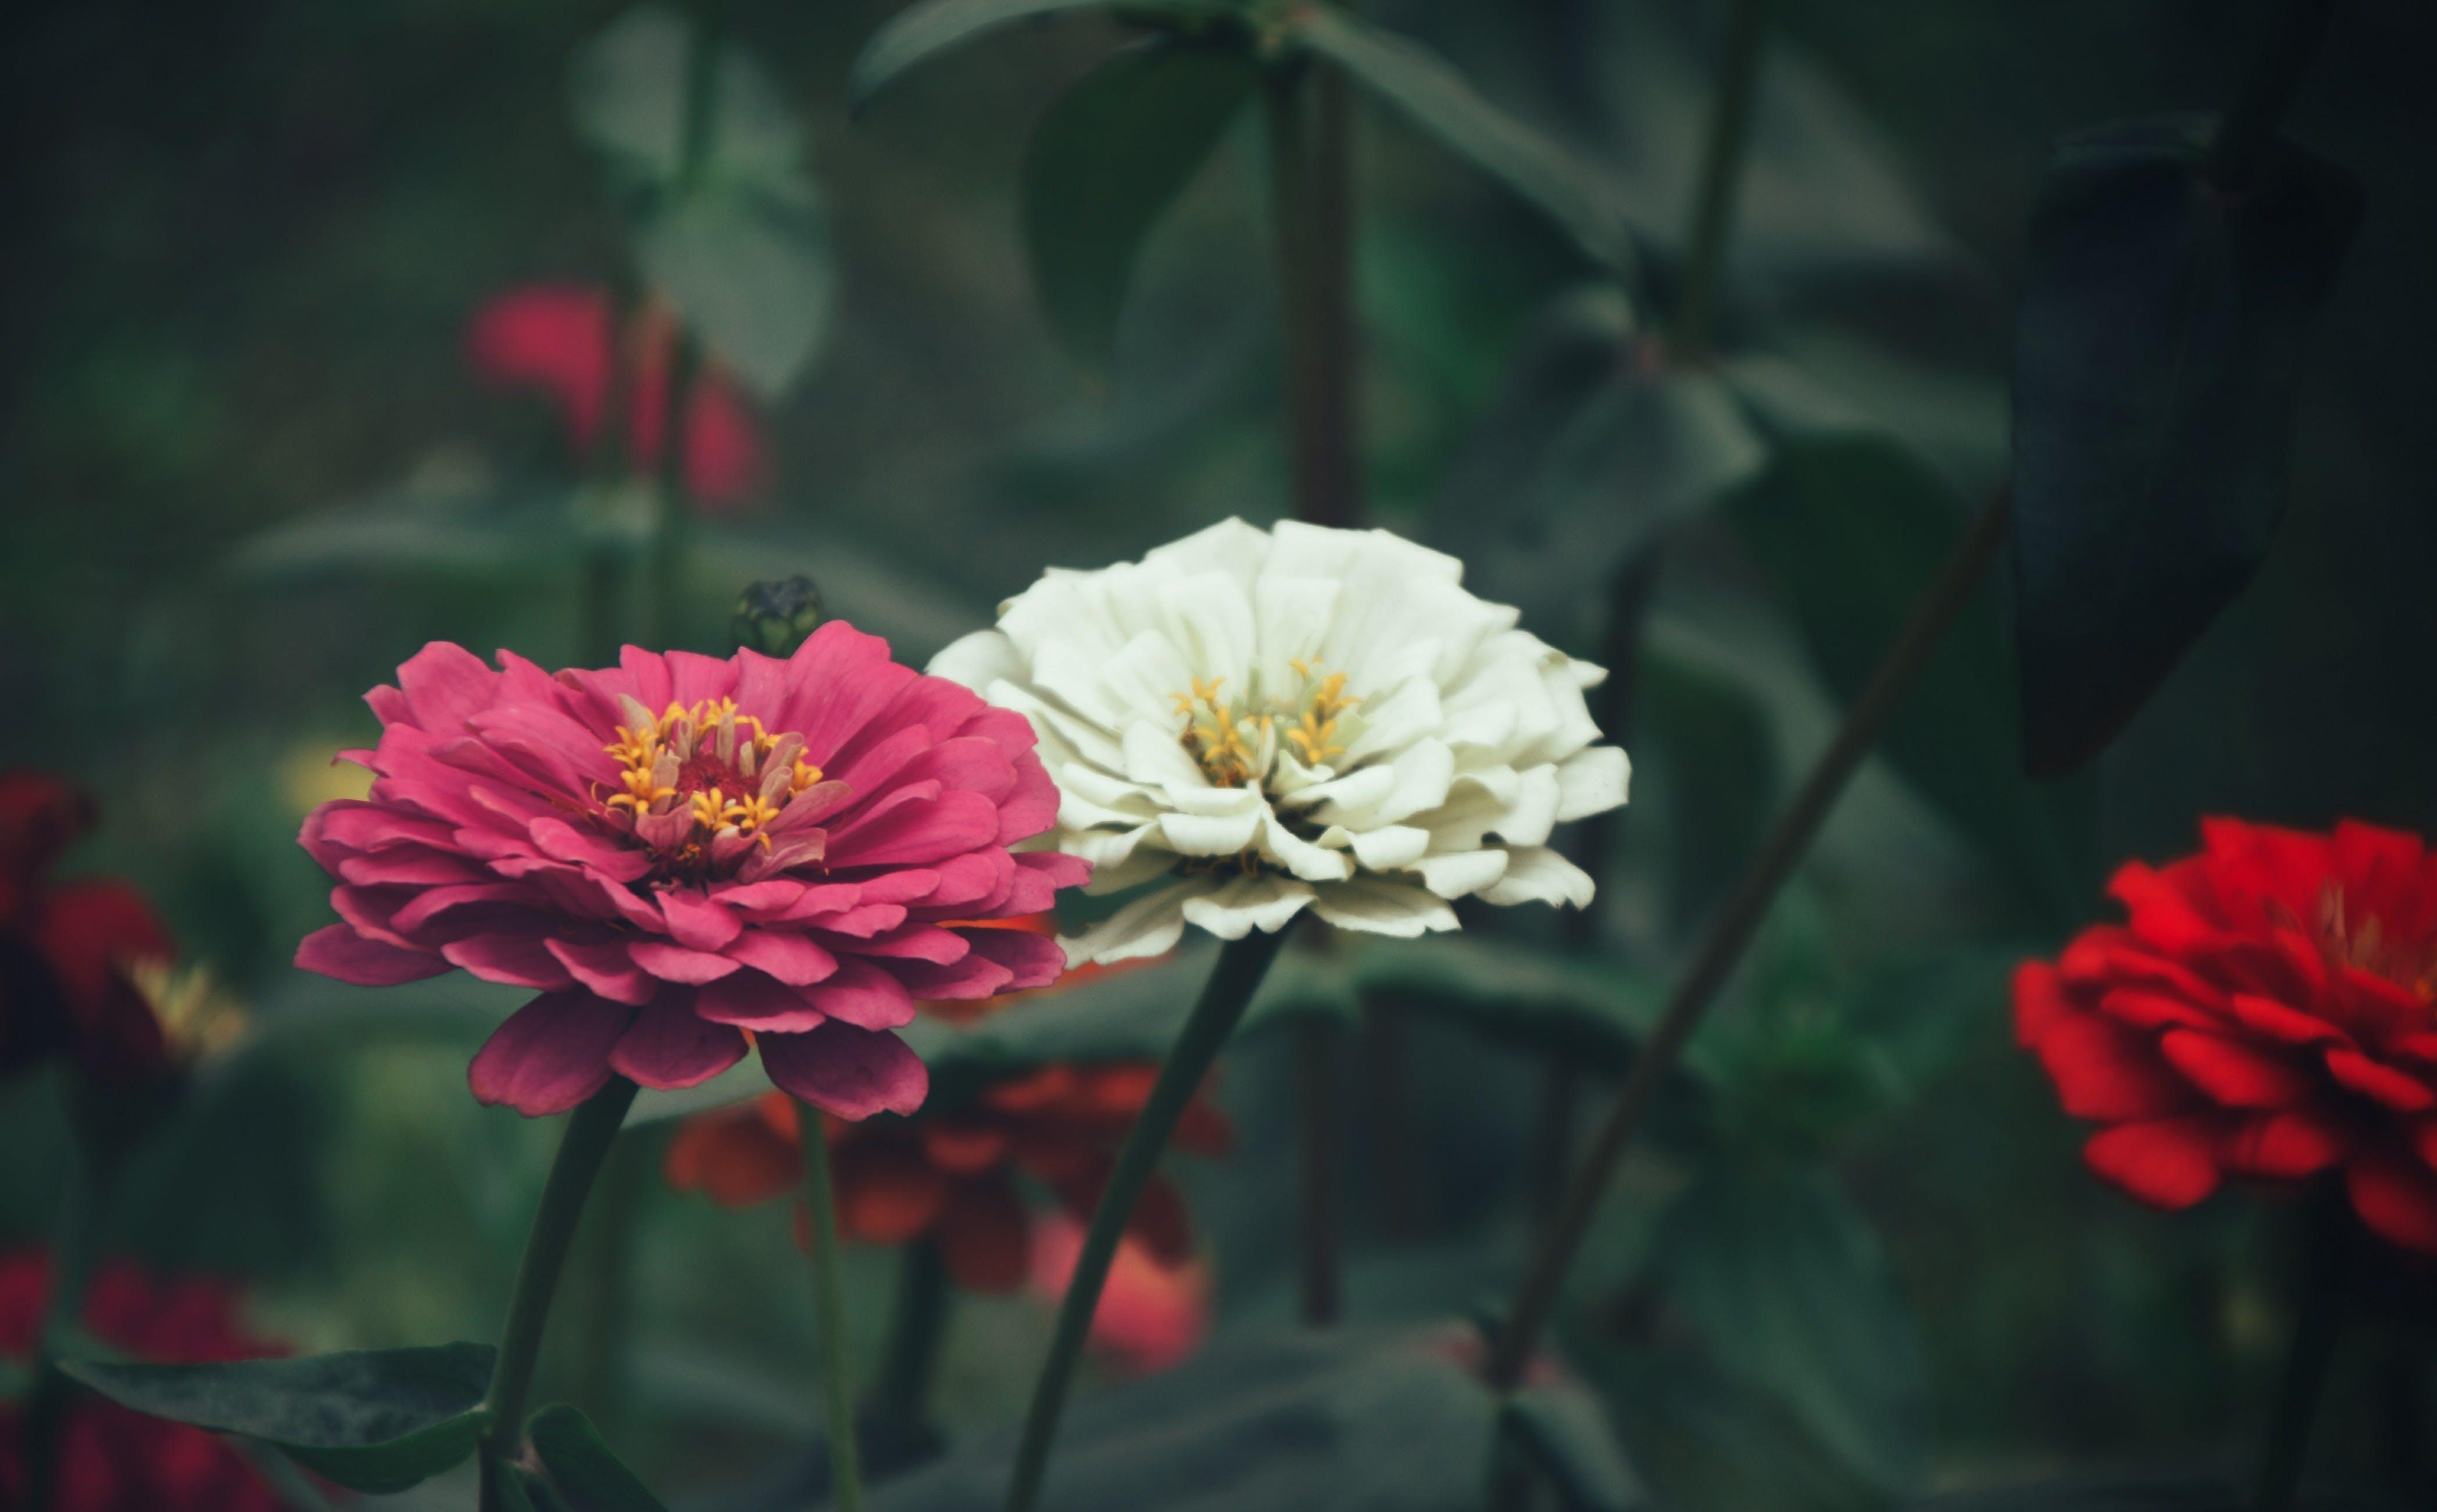 Ảnh lưu trữ miễn phí về cận cảnh, cánh hoa, cây, hệ thực vật